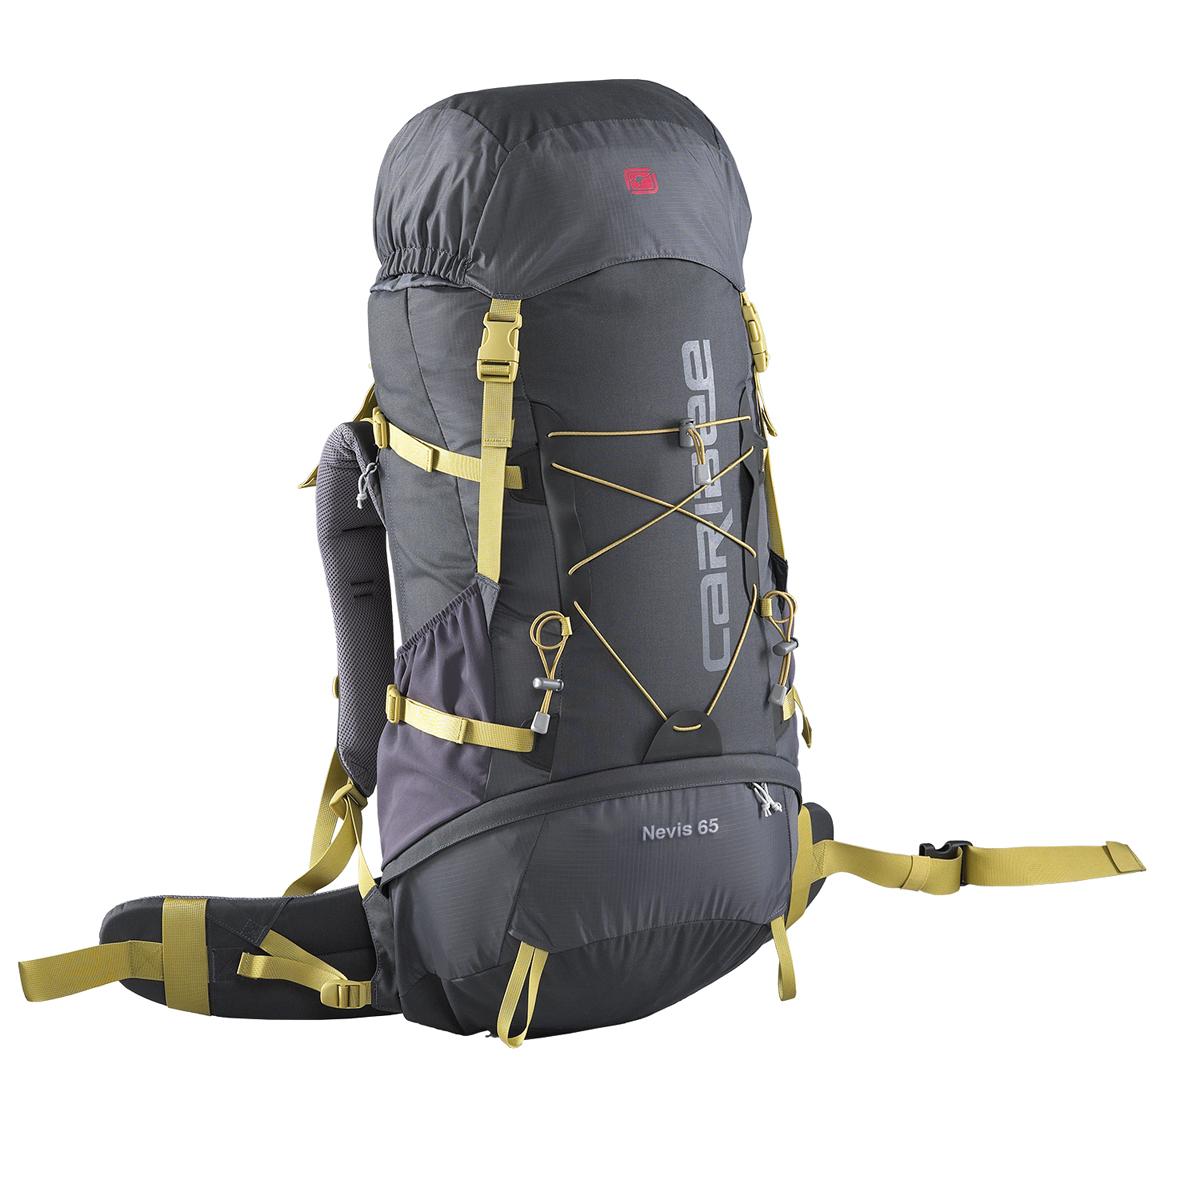 Рюкзак туристический Caribee Nevis, цвет: темно-серый, 65 л6608С рюкзаком Caribee Nevis вам под силу любой экстрим! Его высокое качество гарантирует надежность и сохранность всех вещей даже на большой высоте. Модель имеет полиуретановое покрытие и выполнена из нейлоновых тканей 500D Cordura и 210D Square Ripstop, благодаря чему рюкзак обладает высокими характеристиками для эксплуатации. Несмотря на грубое трение, материал, из которого он изготовлен, остается стойким и не рвется. Даже дождь не способен испортить его качество, так как модель не впитывает влагу. Снег, град, солнце, тепло, холод – ничто не может испортить содержимое рюкзака и его внешний вид. Пользуясь им, вы почувствуете всю прелесть экстремальных экспедиций! Характеристики: -Суперлегкая конструкция и дизайн. -Система спинки Air Flow обеспечивает комфортную посадку. -Встроенный алюминиевый каркас. -Вентилируемая спинка и поясной ремень. -Мягкий набедренный ремень с карманами на молнии. -Регулируемый по высоте верхний клапан на молнии. -Карман для карты. -Компрессионные стропы. -Боковые карманы для бутылок. -Встроенный чехол от дождя. -Отсек первой помощи. -Отделение для питьевой системы. Объем: 65 л. Размер: 80 х 32 x 25 см.